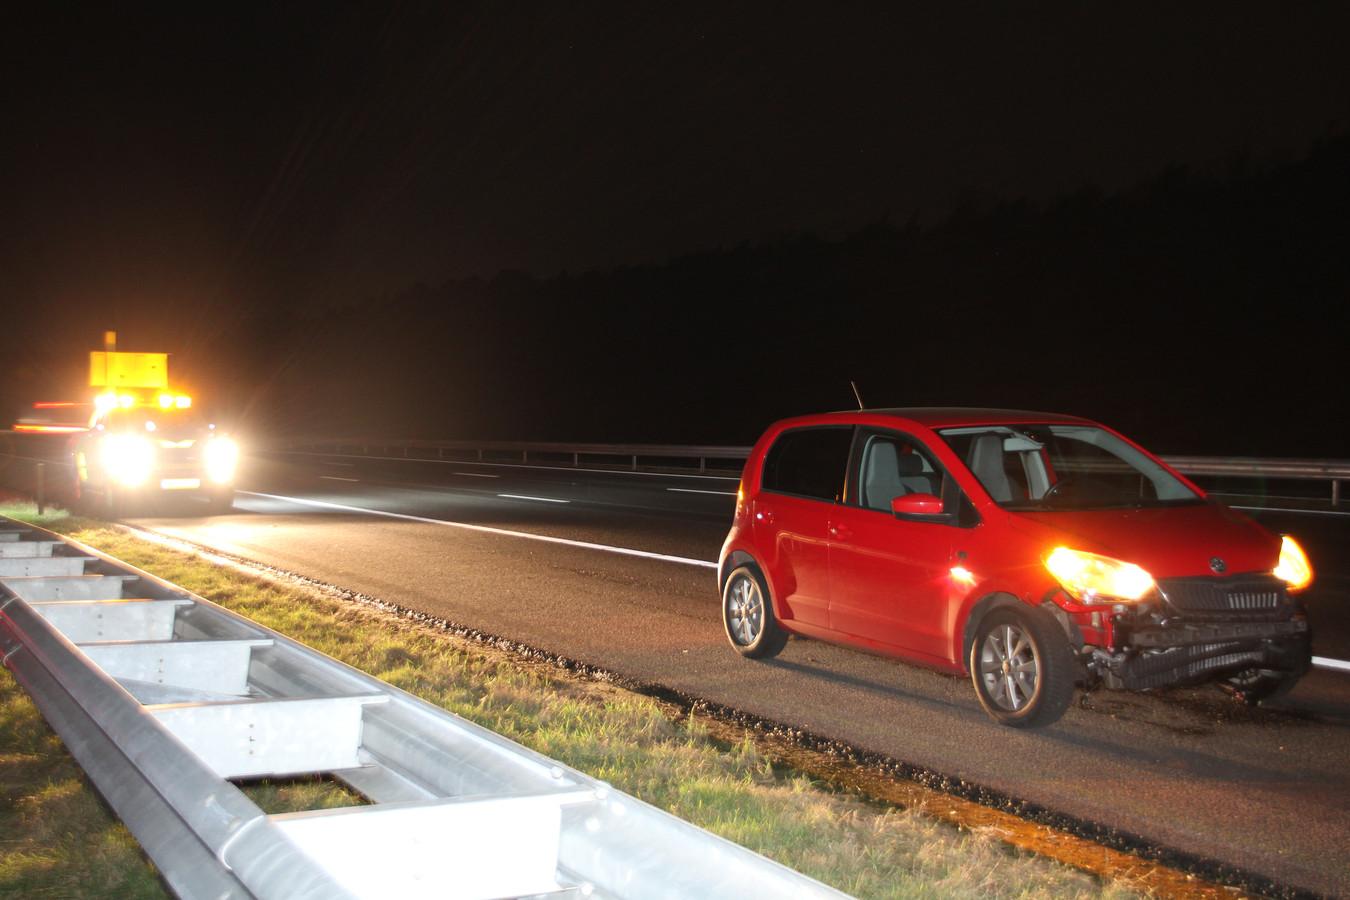 Een auto raakte beschadigd, nadat deze tegen een band reed die midden op de weg lag.